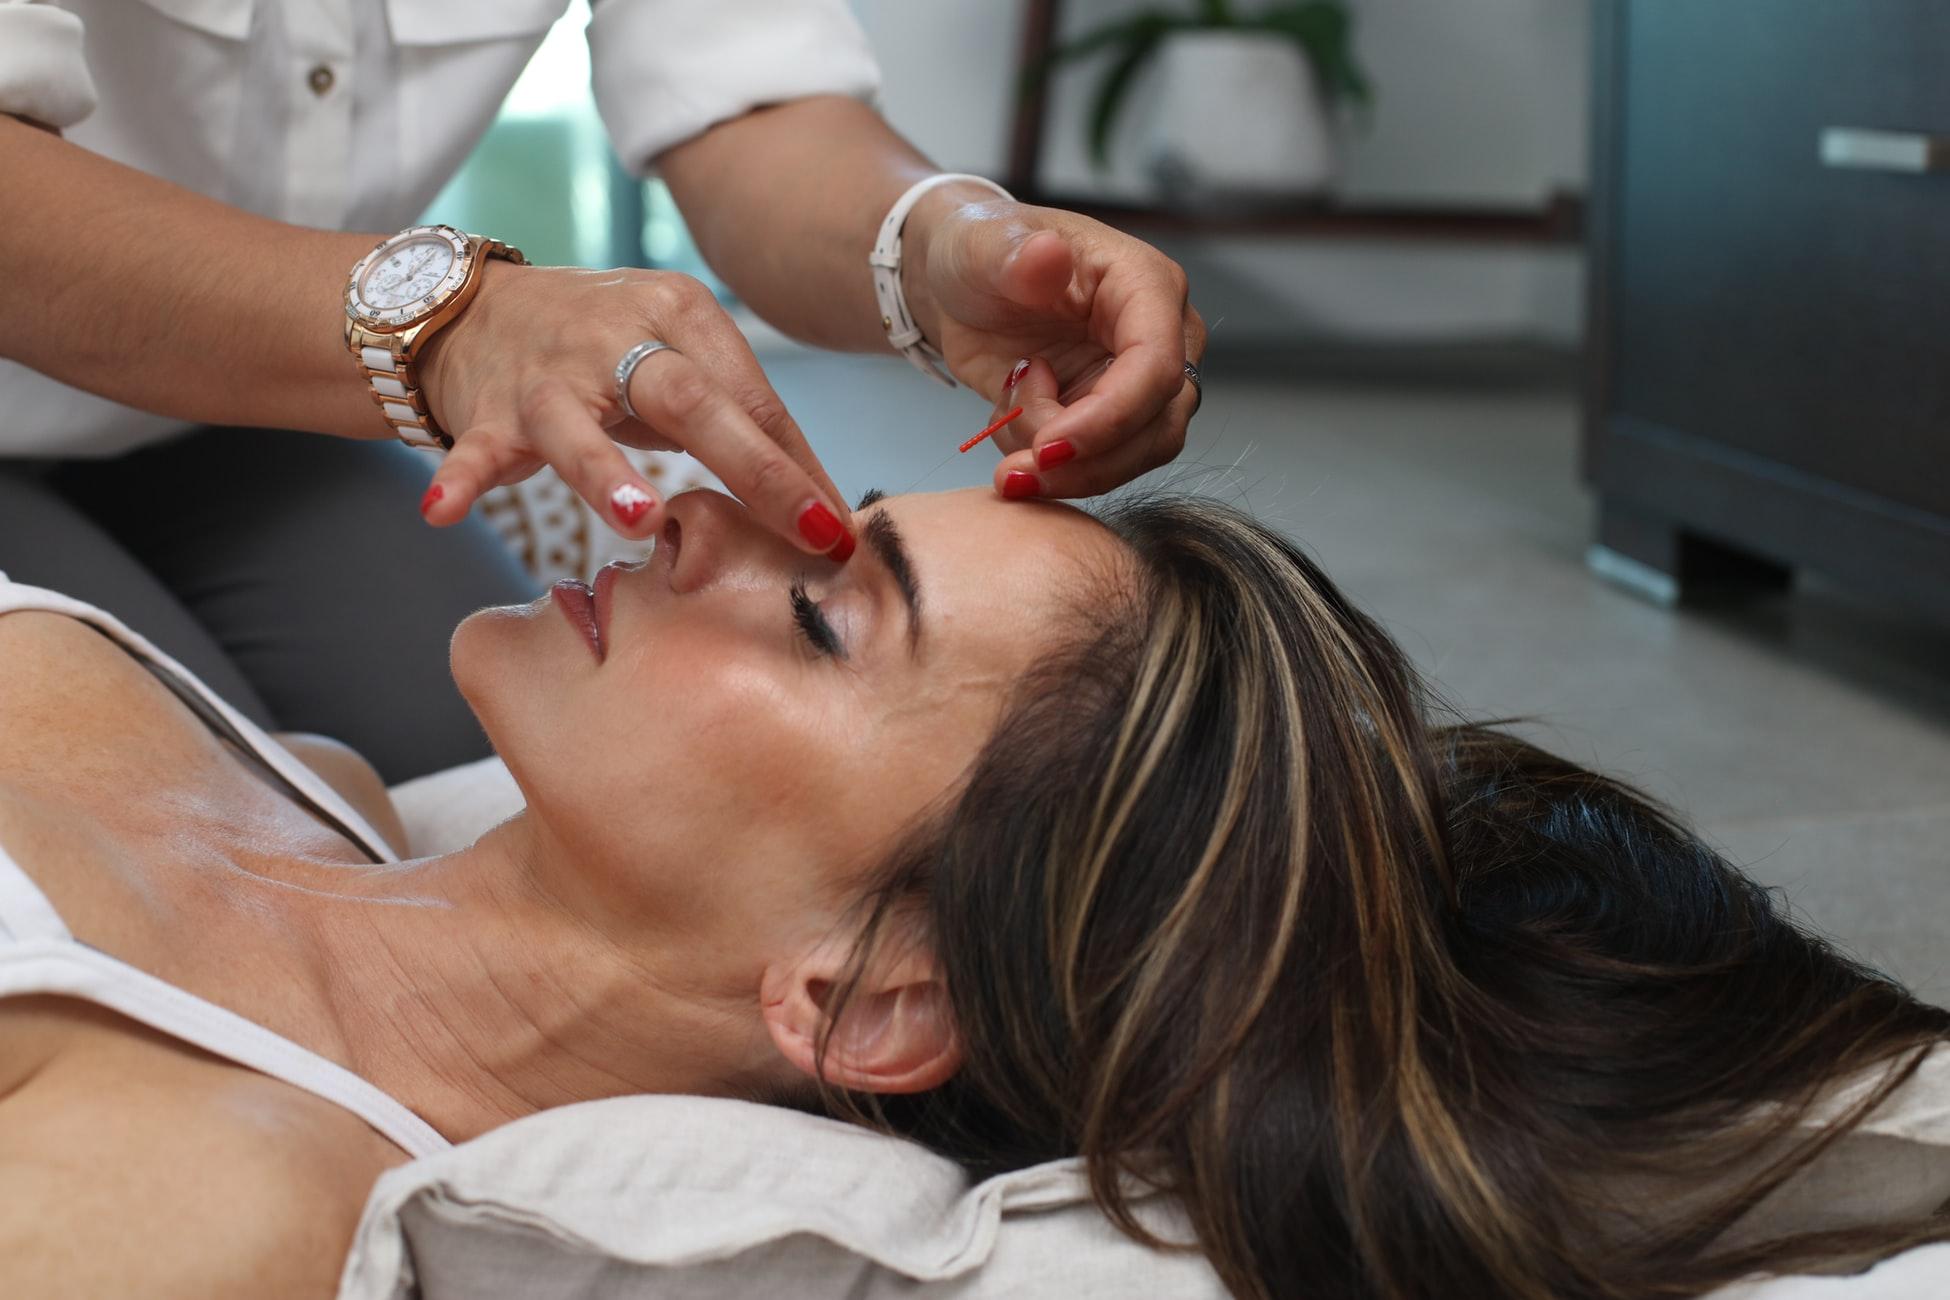 L'auto-massage du visage